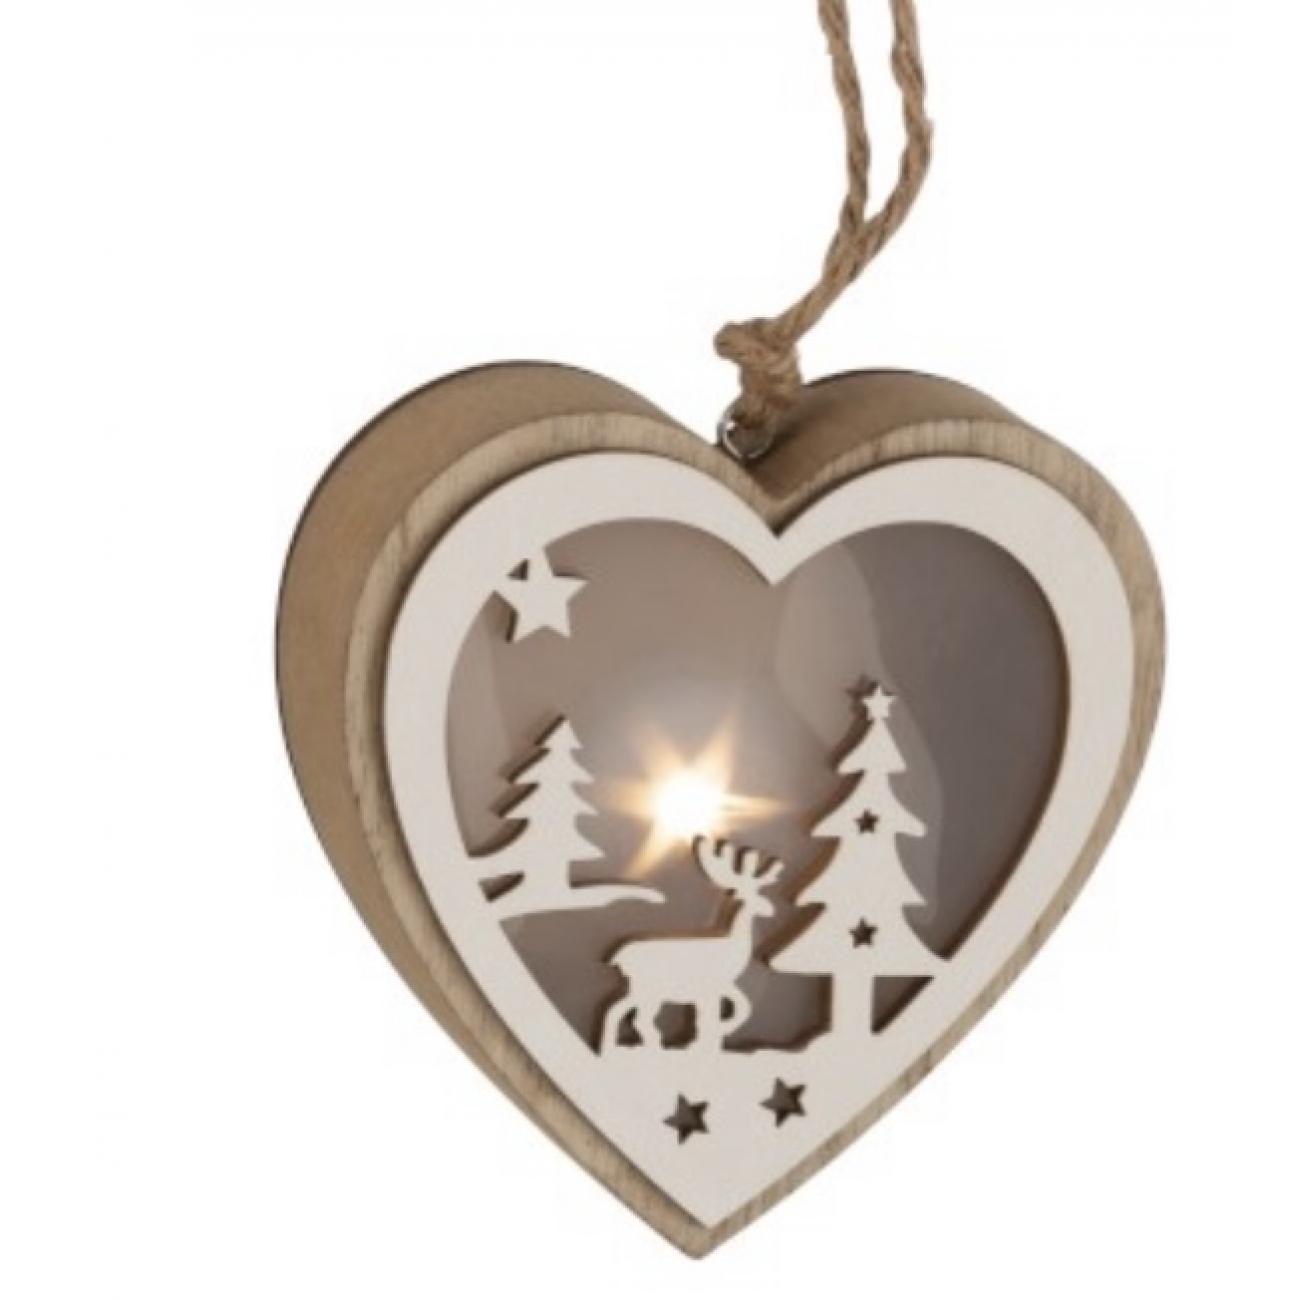 Елочная игрушка J-LINE деревянная в форме сердца коричневого цвета с лед-подсветкой 12х12 см